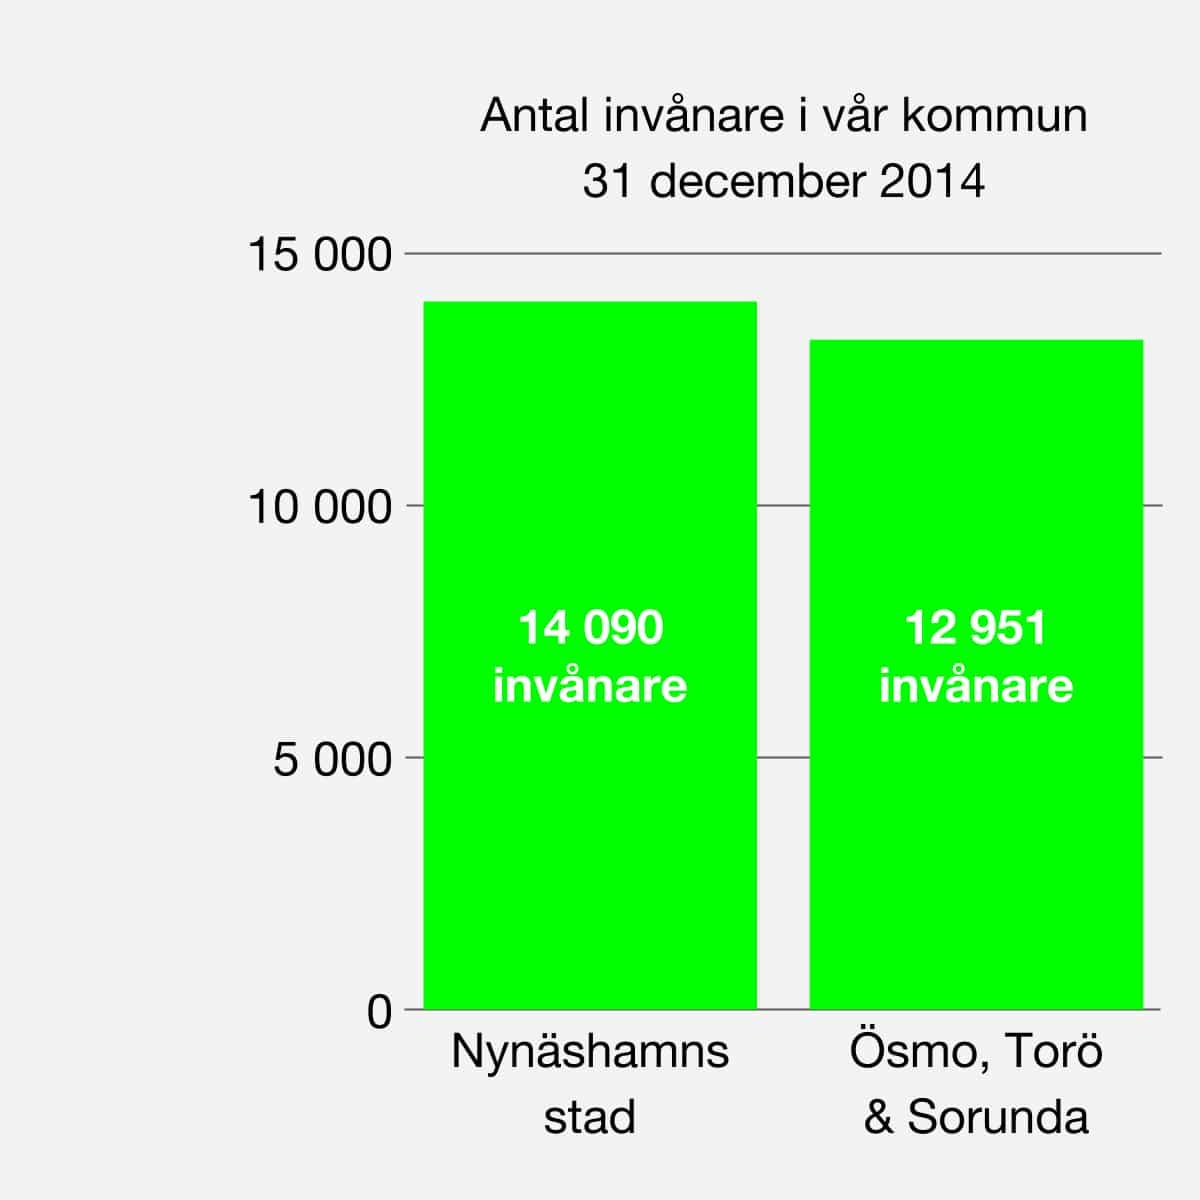 2016-08-12 - Antal invånare - Vår kommuns kartläggning av landsbygden redovisar 27 041 invånare 31/12 2014.